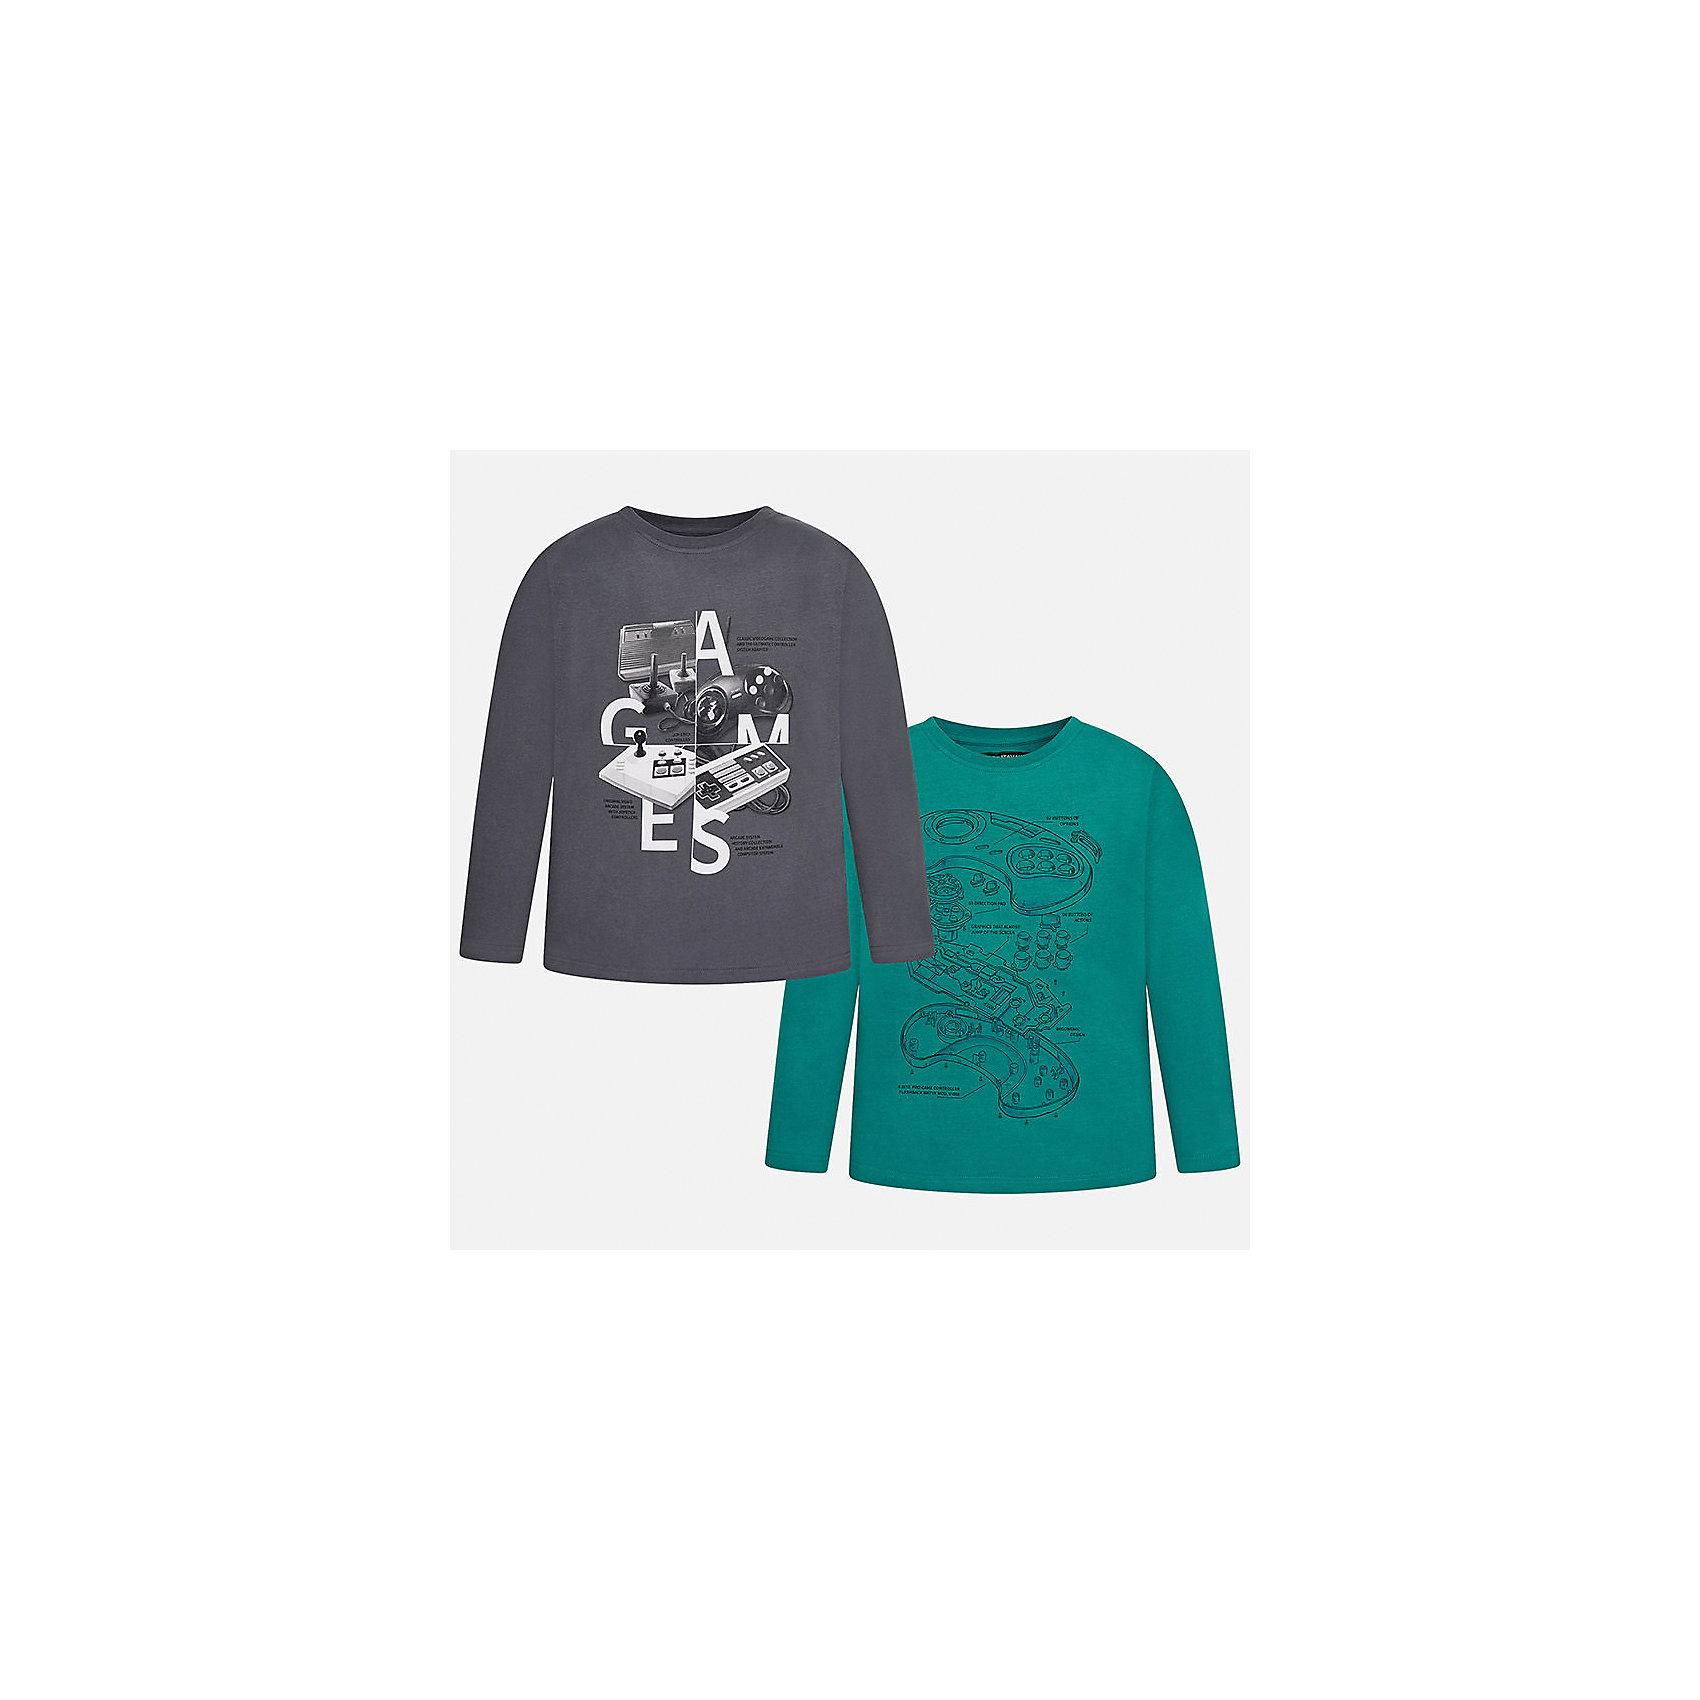 Футболка с длинным рукавом (2 шт.) Mayoral для мальчикаФутболки с длинным рукавом<br>Характеристики товара:<br><br>• цвет: серый, зеленый<br>• состав ткани: 100% хлопок<br>• комплектация: 2 шт<br>• сезон: демисезон<br>• особенности модели: принт<br>• длинные рукава<br>• страна бренда: Испания<br>• страна изготовитель: Индия<br><br>Комплект состоит из двух лонгсливов. Детский лонгслив с принтом сделан из дышащего приятного на ощупь материала. Благодаря продуманному крою детского лонгслива создаются комфортные условия для тела. Футболка с длинным рукавом для мальчика отличается стильным продуманным дизайном.<br><br>Лонгслив (2 шт.) для мальчика Mayoral (Майорал) можно купить в нашем интернет-магазине.<br><br>Ширина мм: 230<br>Глубина мм: 40<br>Высота мм: 220<br>Вес г: 250<br>Цвет: серебряный<br>Возраст от месяцев: 168<br>Возраст до месяцев: 180<br>Пол: Мужской<br>Возраст: Детский<br>Размер: 170,128/134,140,152,158,164<br>SKU: 6933383